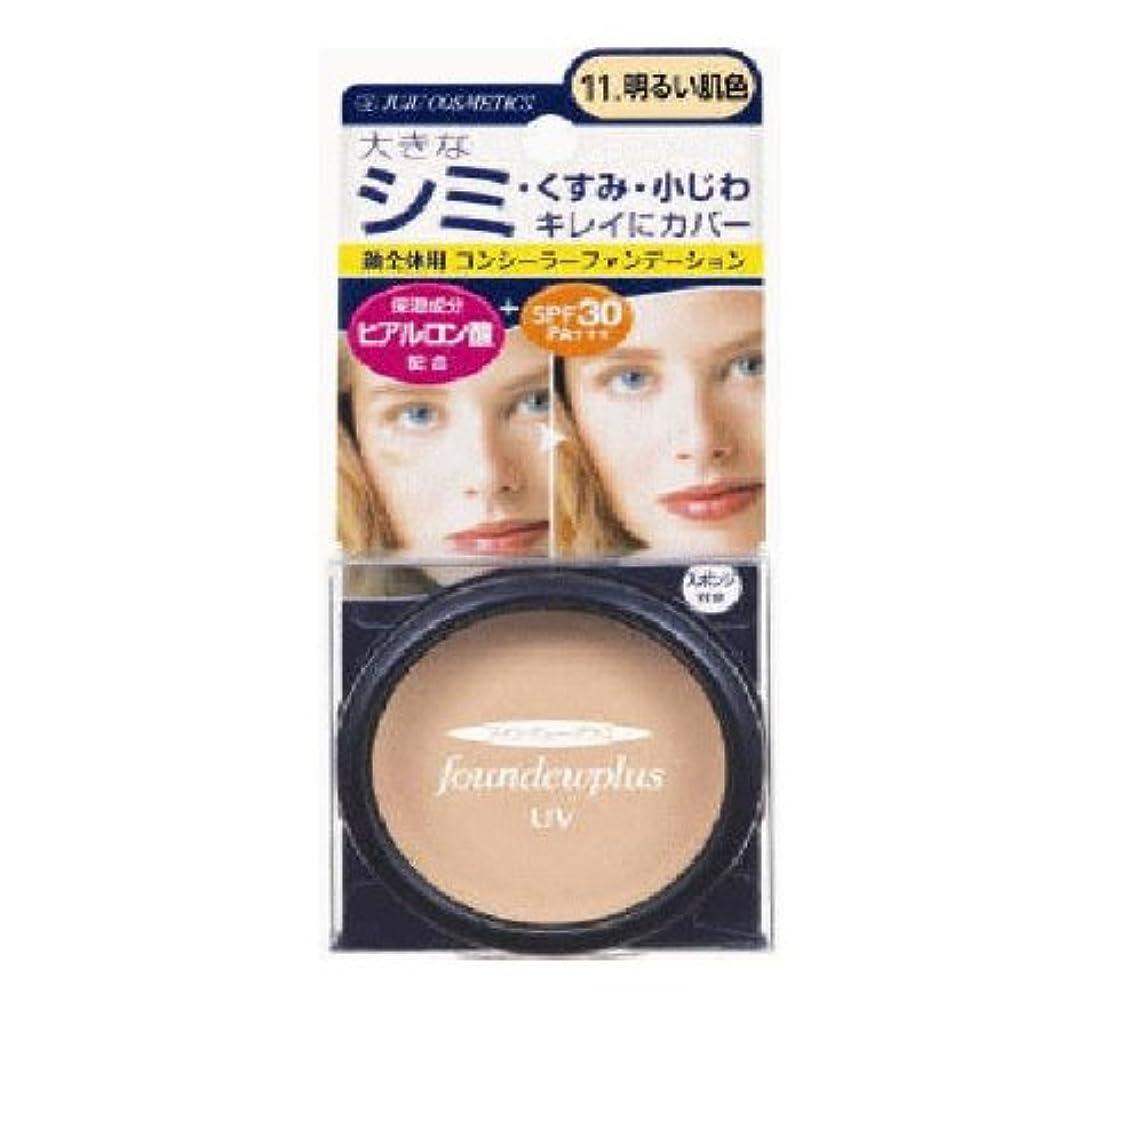 ロッジ愛情深い魅惑的なファンデュープラスR UVコンシーラーファンデーション 11.明るい肌色